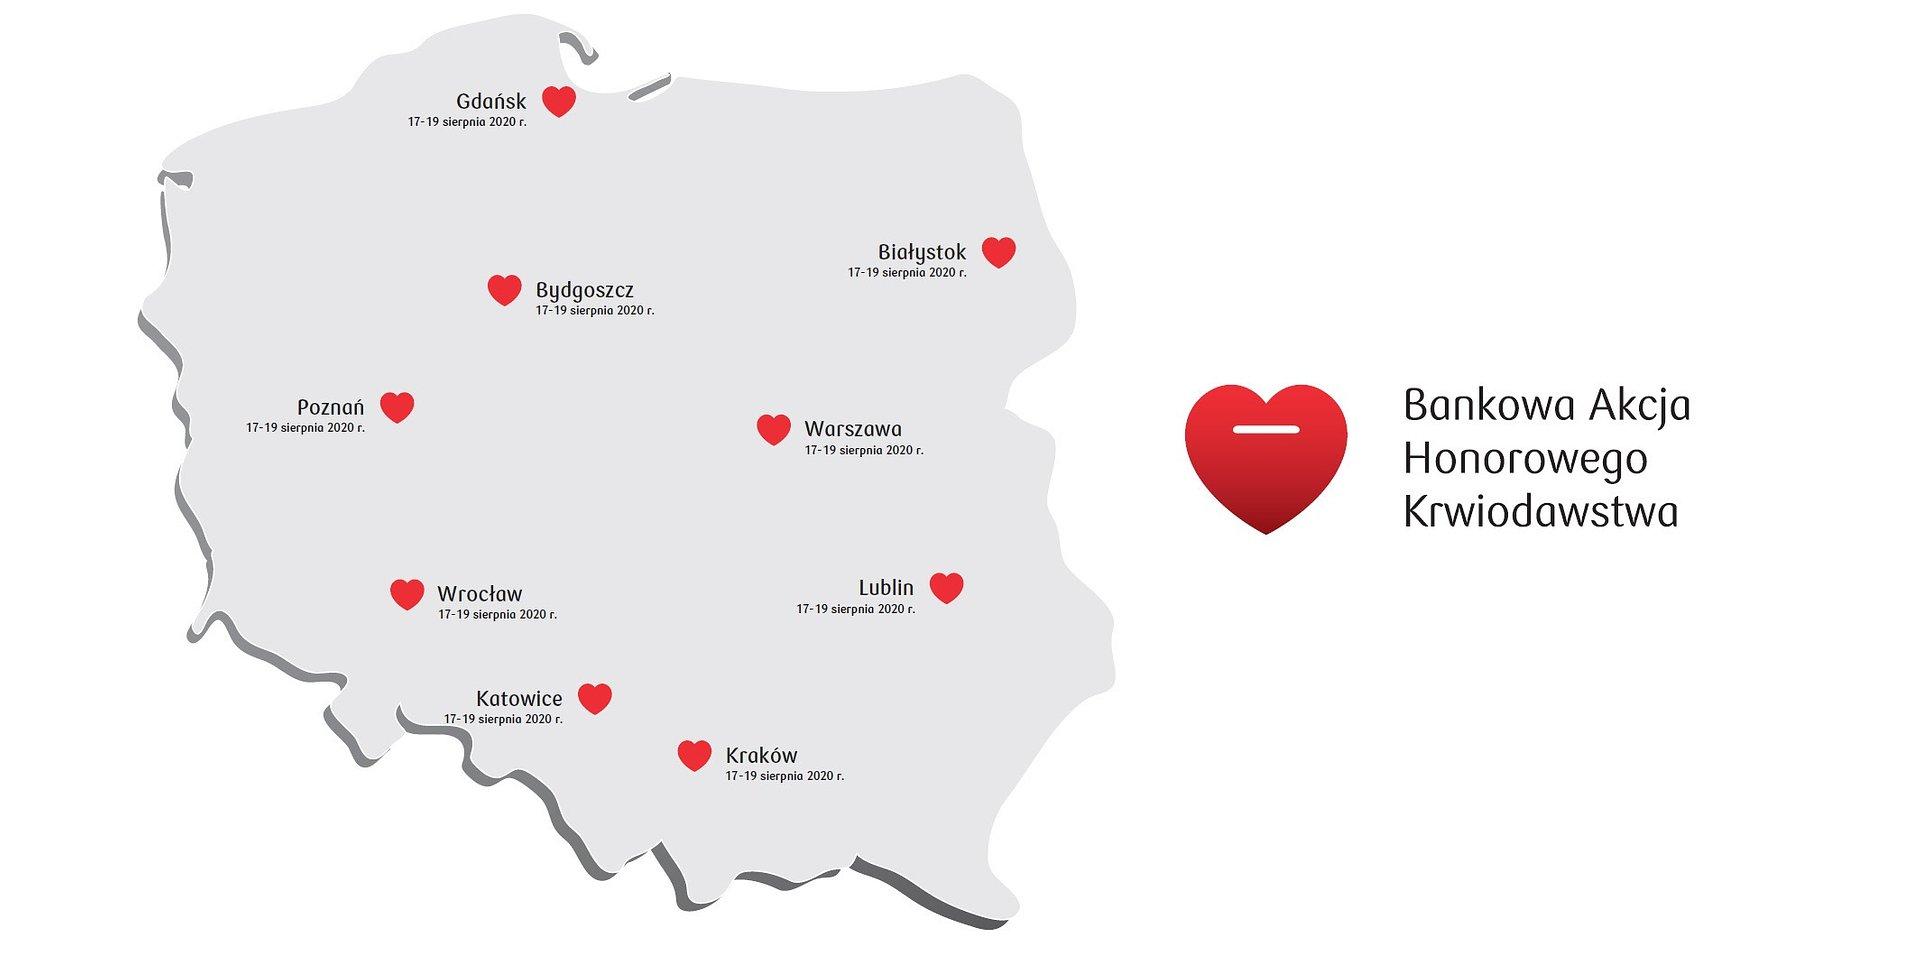 Przyłącz się do Bankowej Akcji Honorowego Krwiodawstwa w Białymstoku